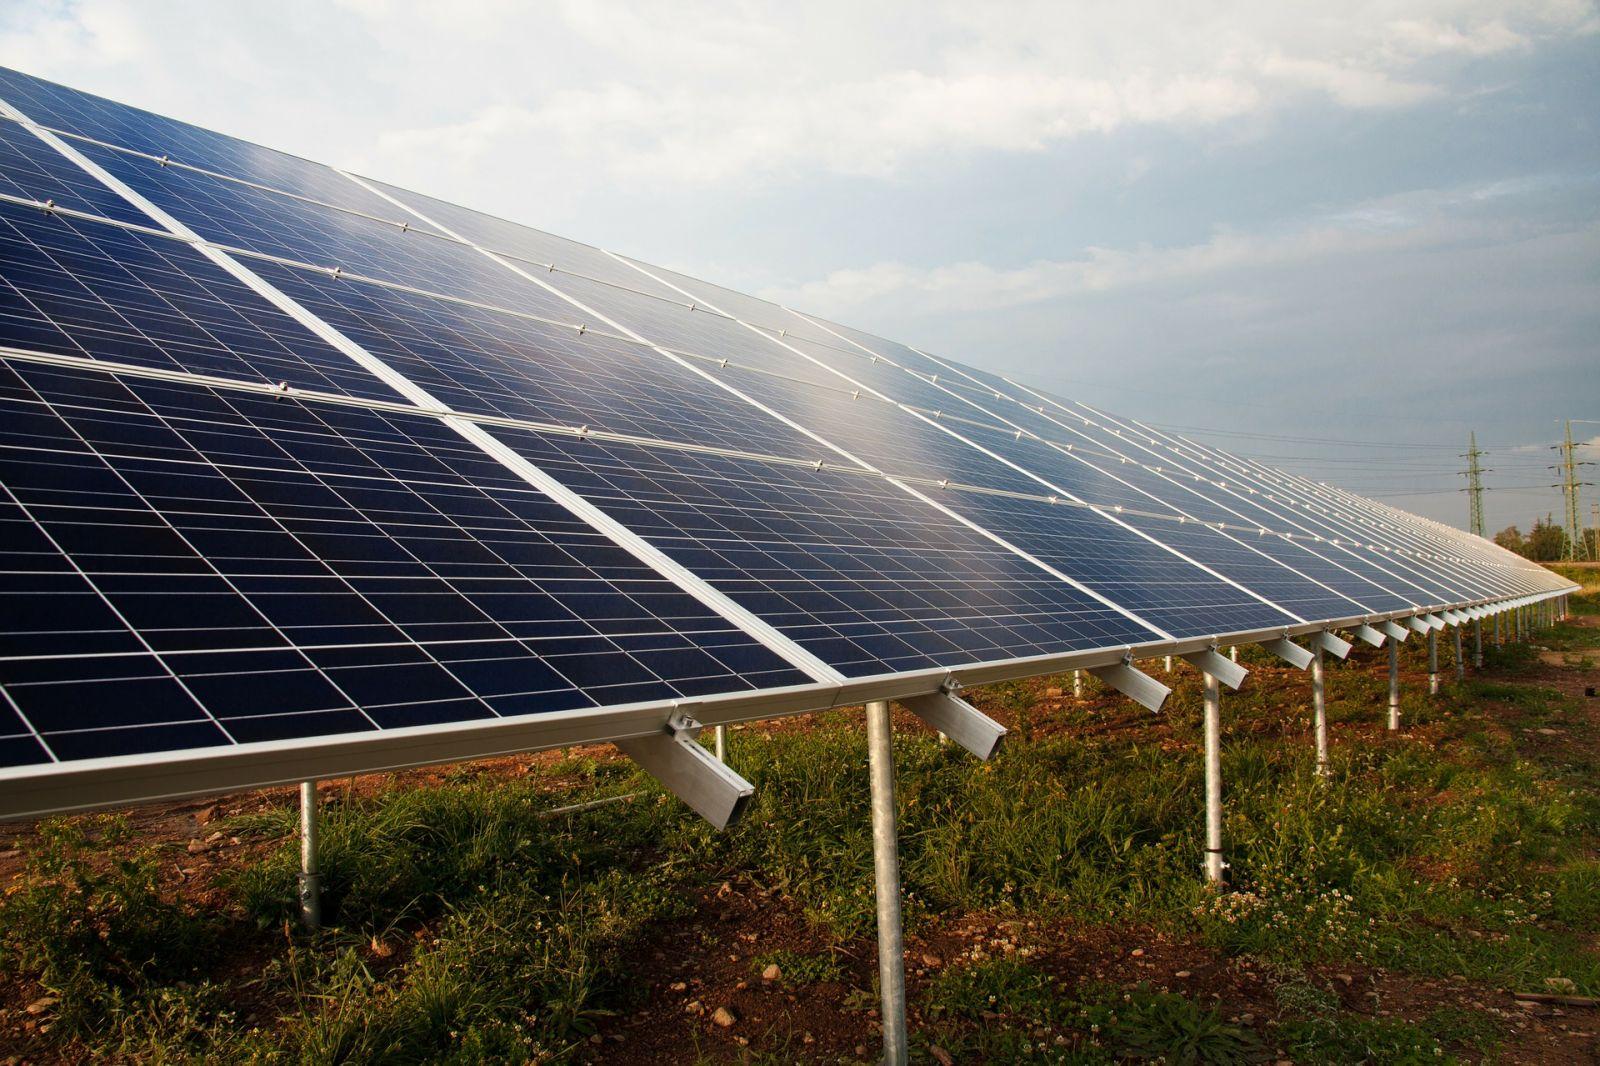 Centrale photovoltaïque au sol avec production de gaz : une mauvaise idée ?